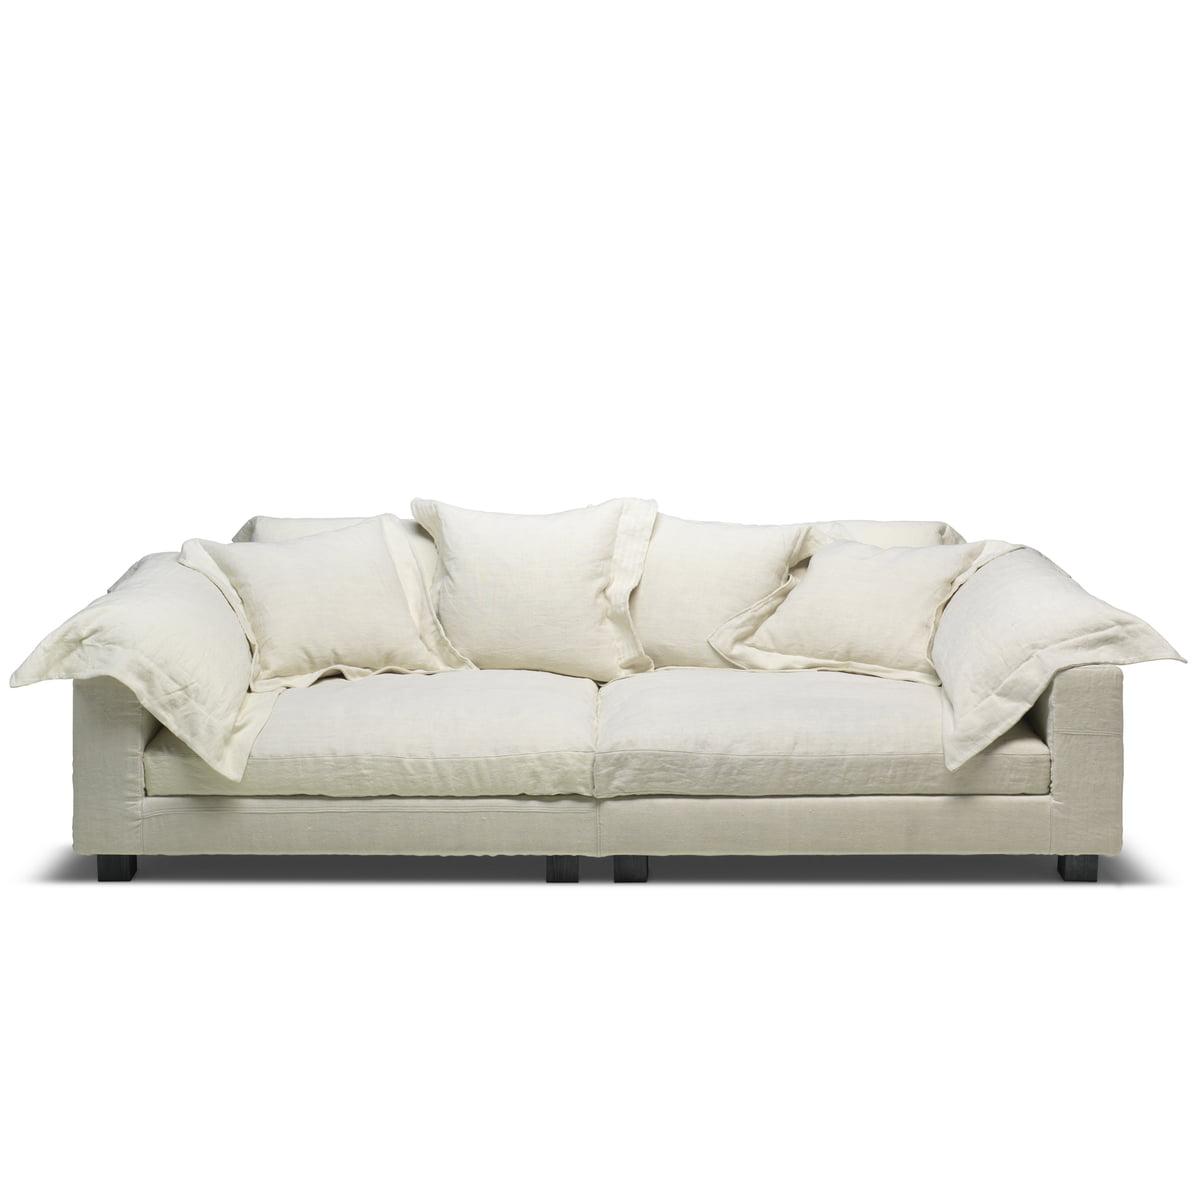 marvelous einfache dekoration und mobel nebula nine sofa von diesel 2 #1: Diesel Nebula Sofa